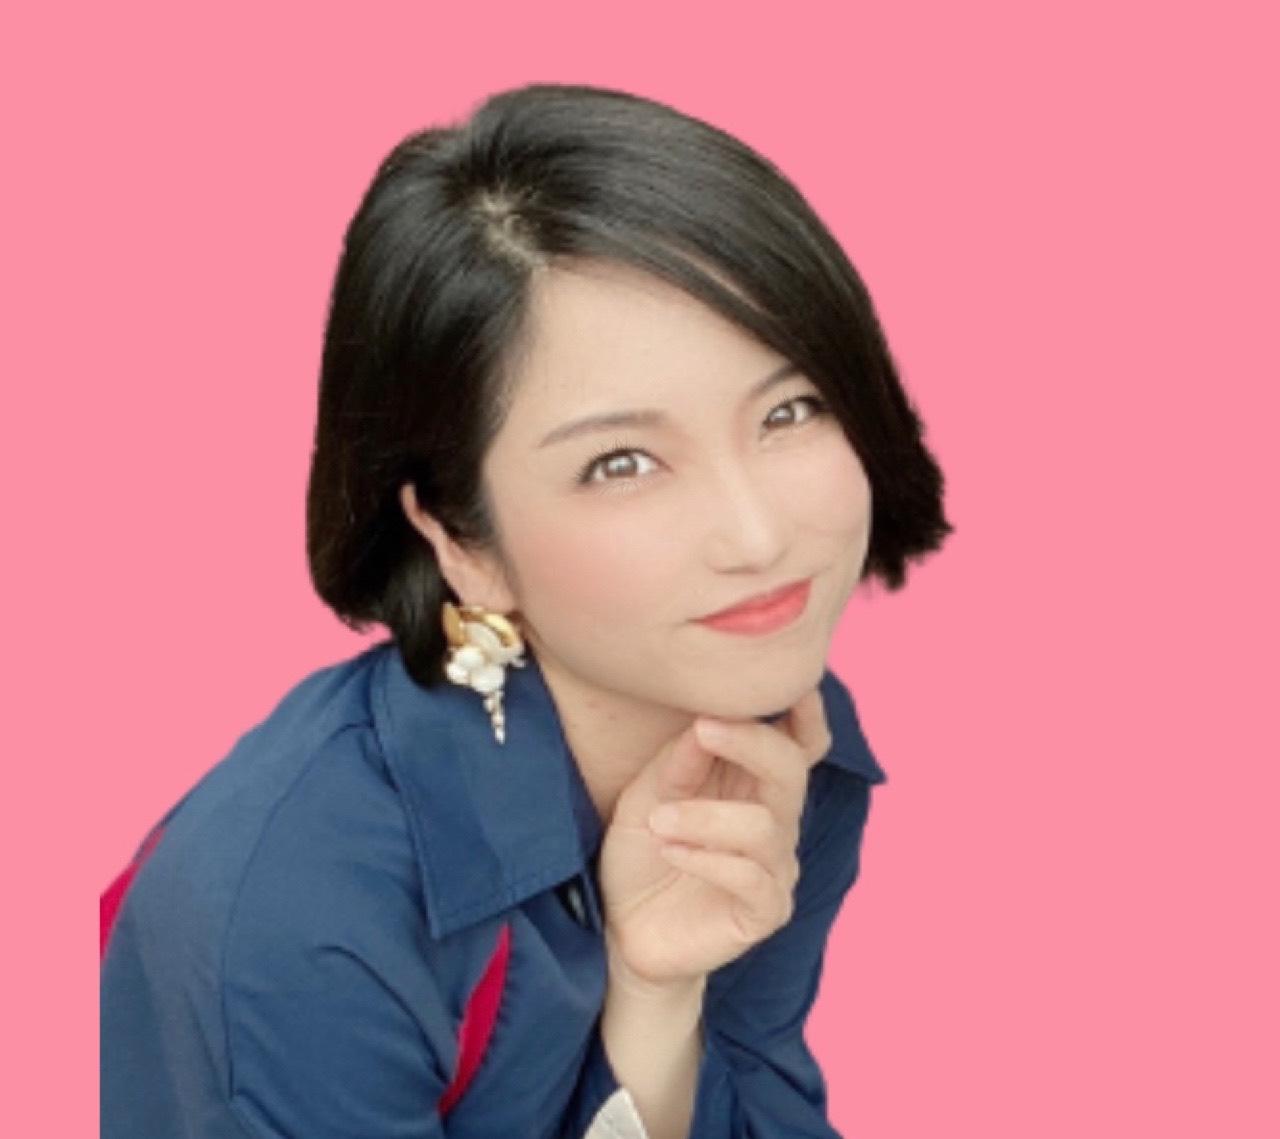 シンママ社長みーこさんのプロフィール画像